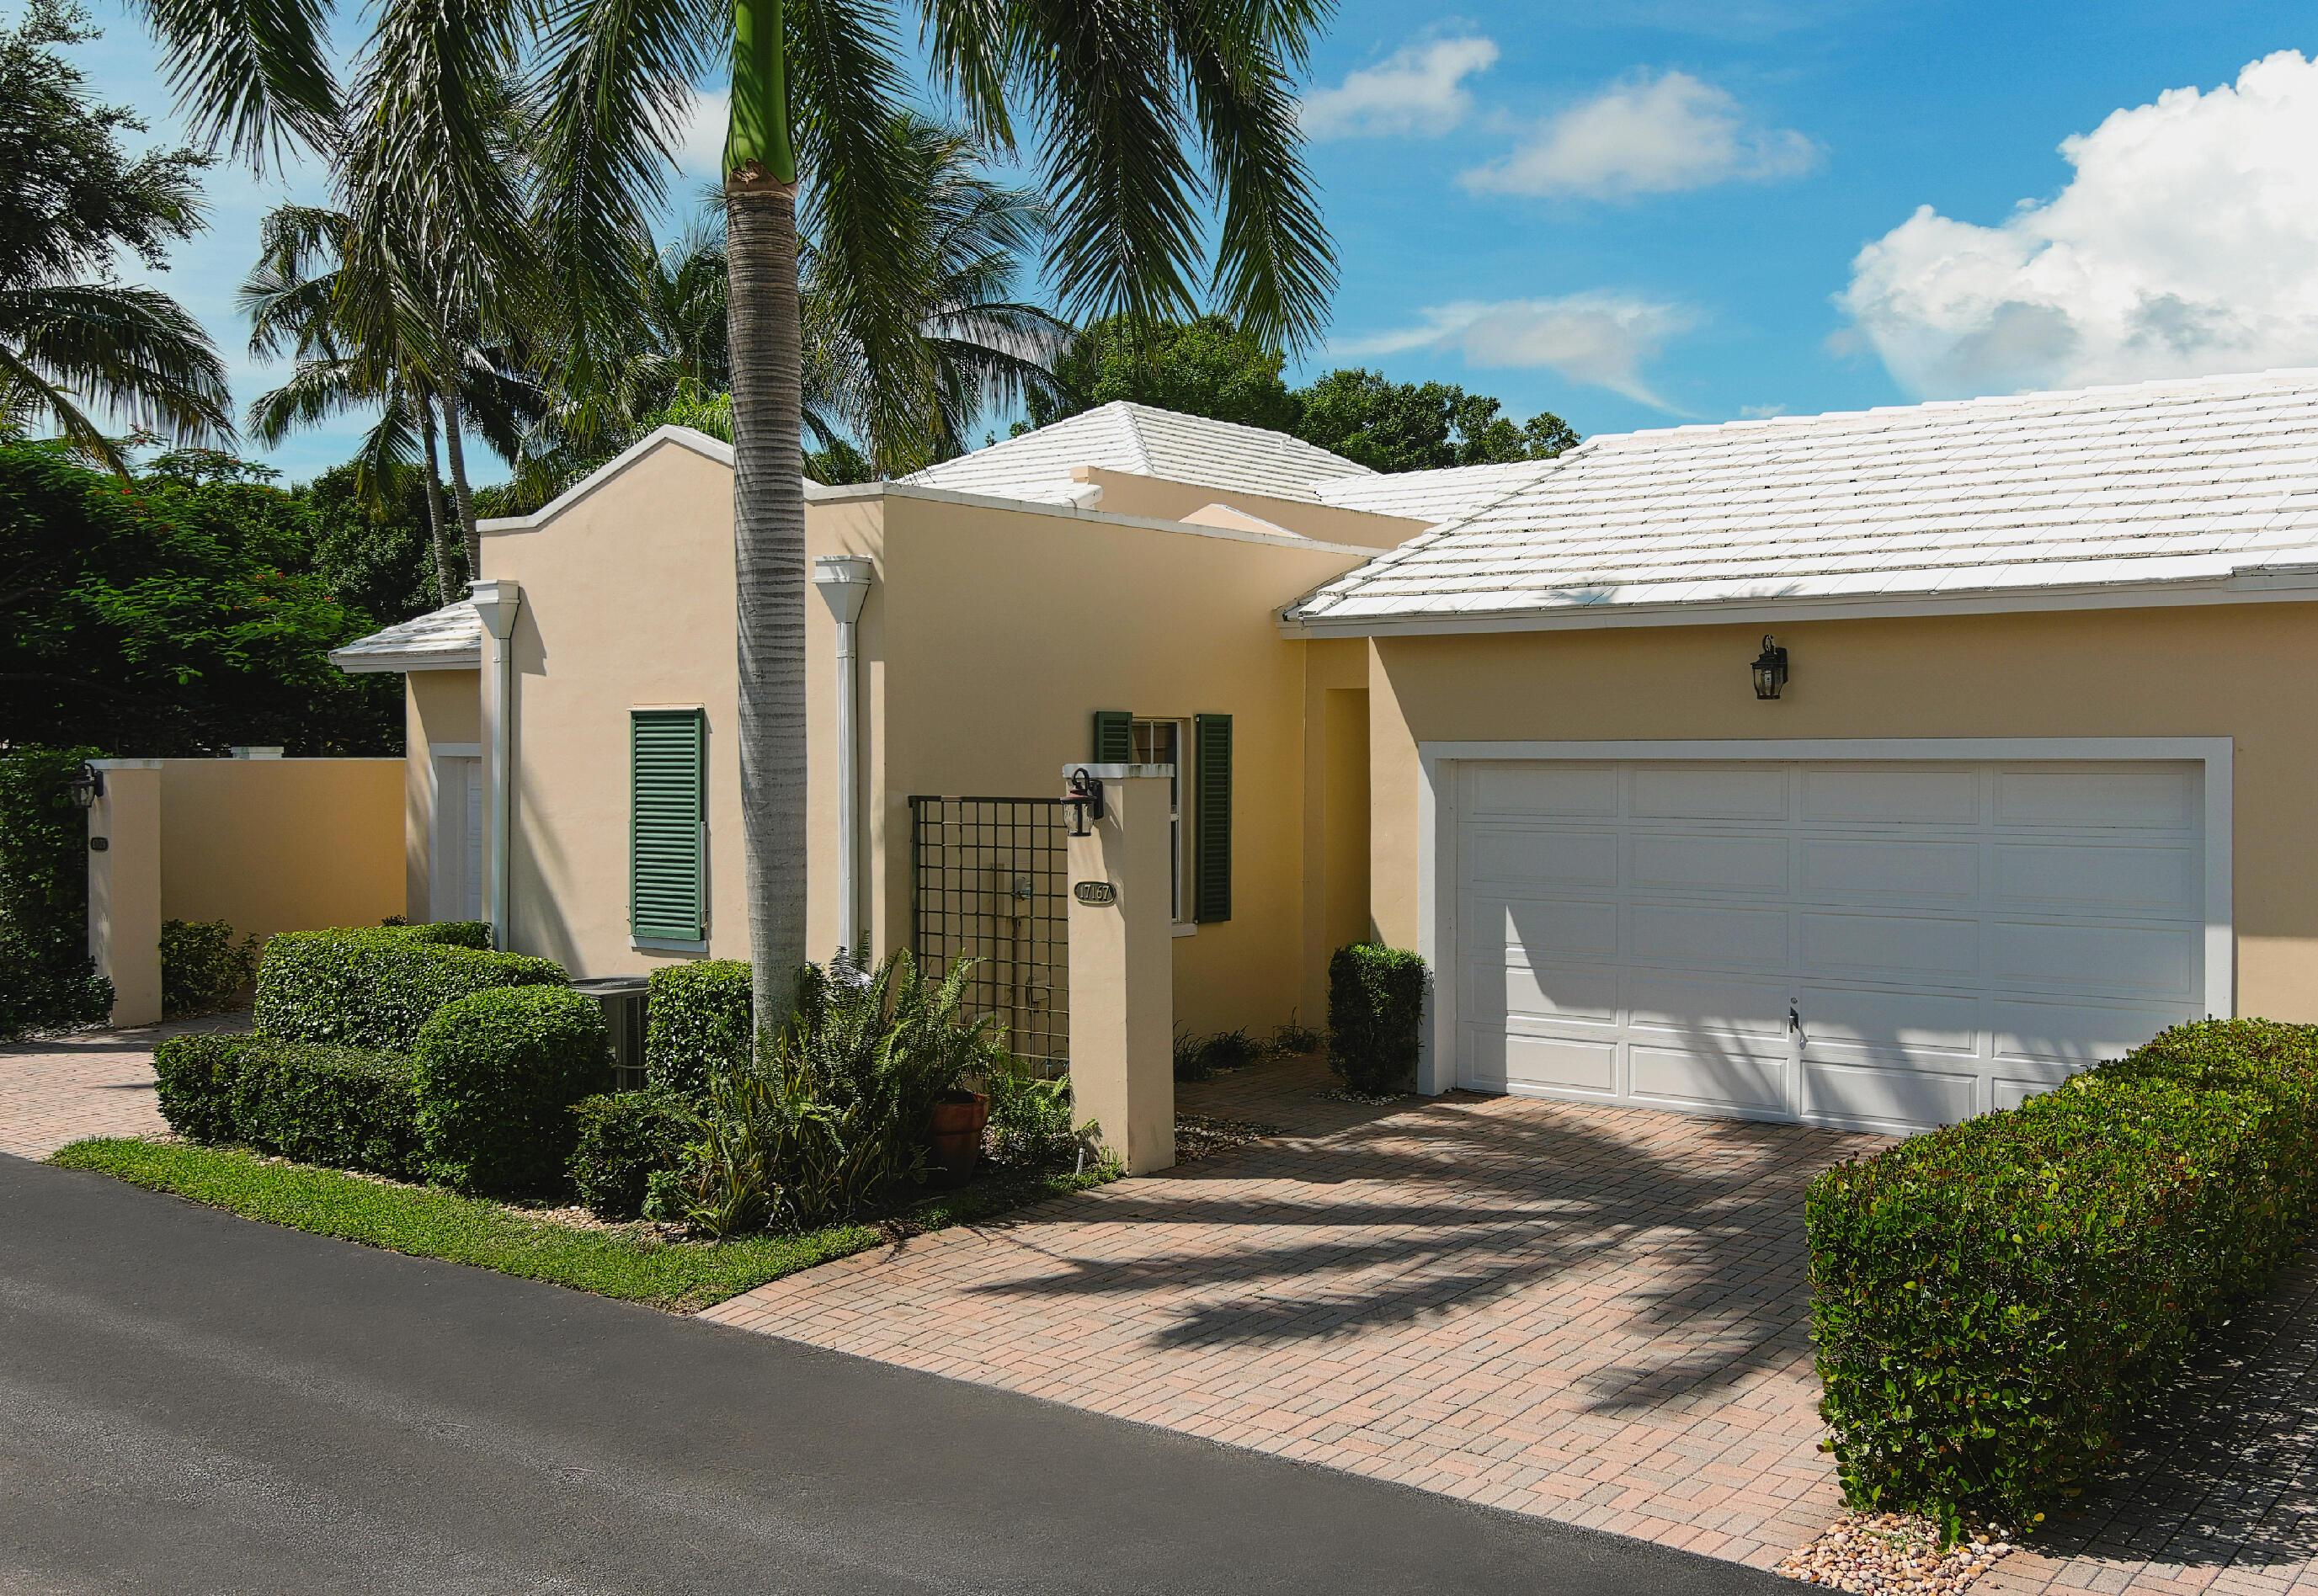 17167  Bermuda Village Drive 17167 For Sale 10748473, FL